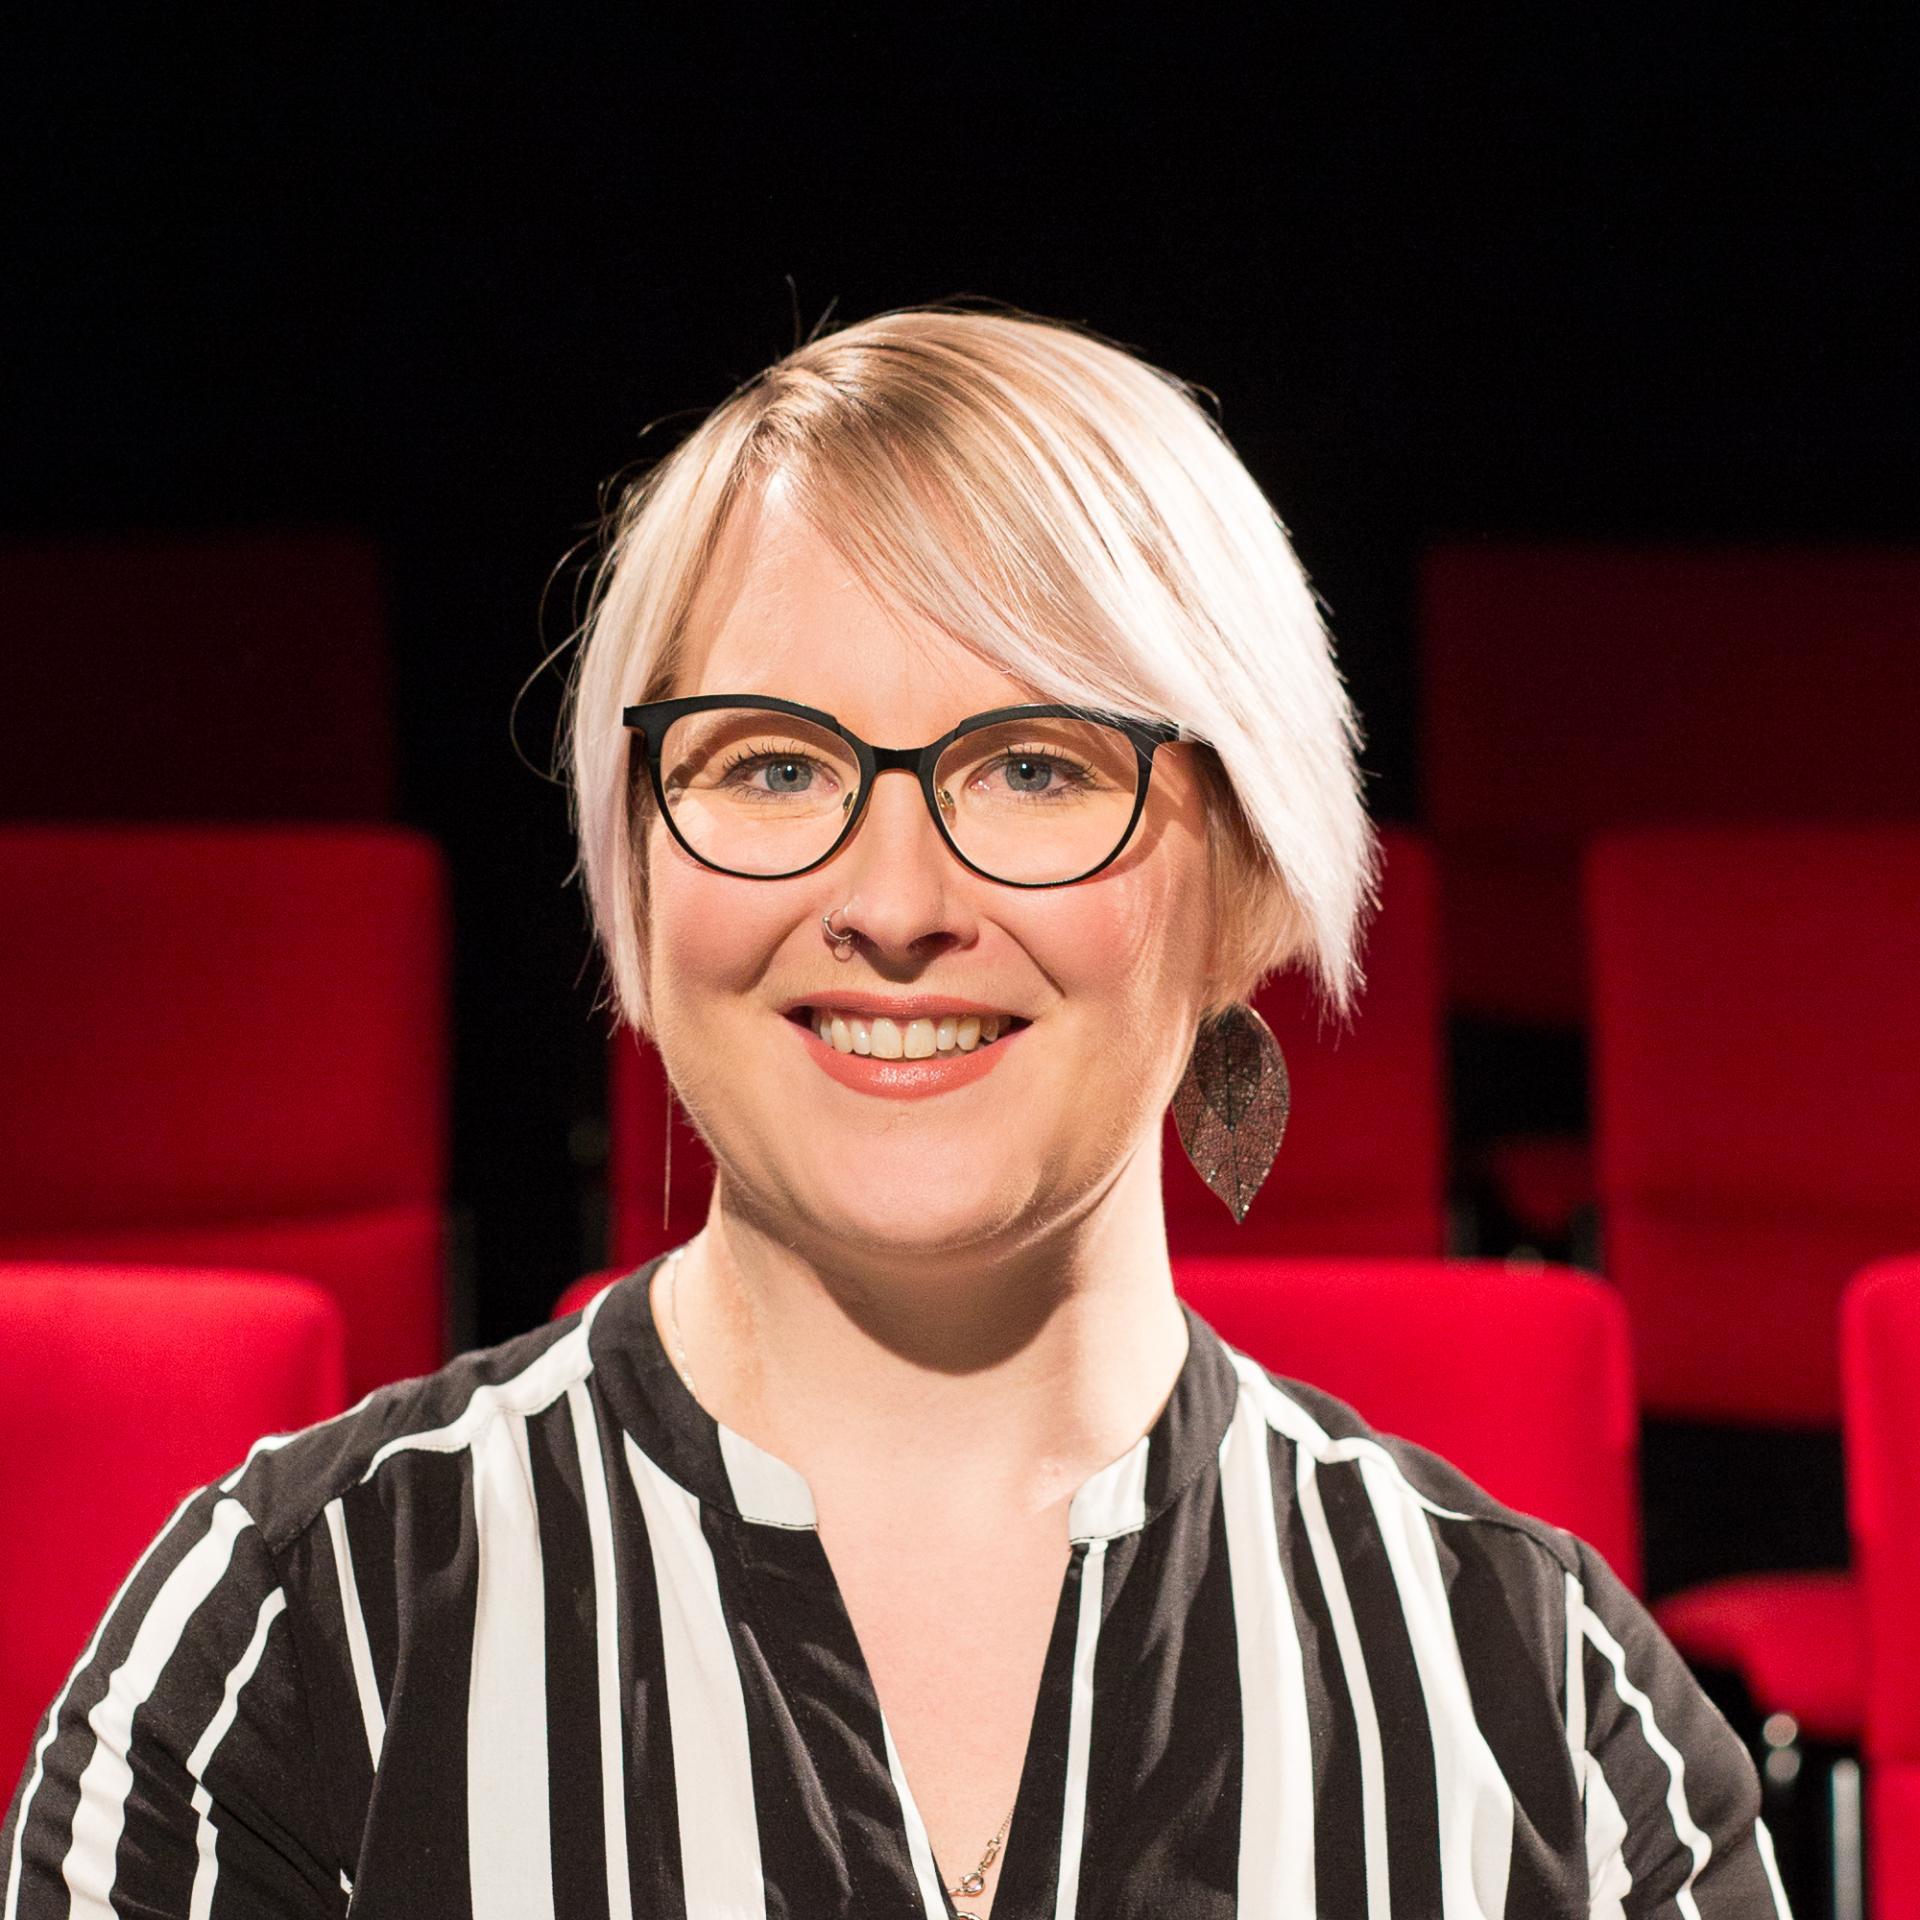 Annu Sankilampi - Teatterikone